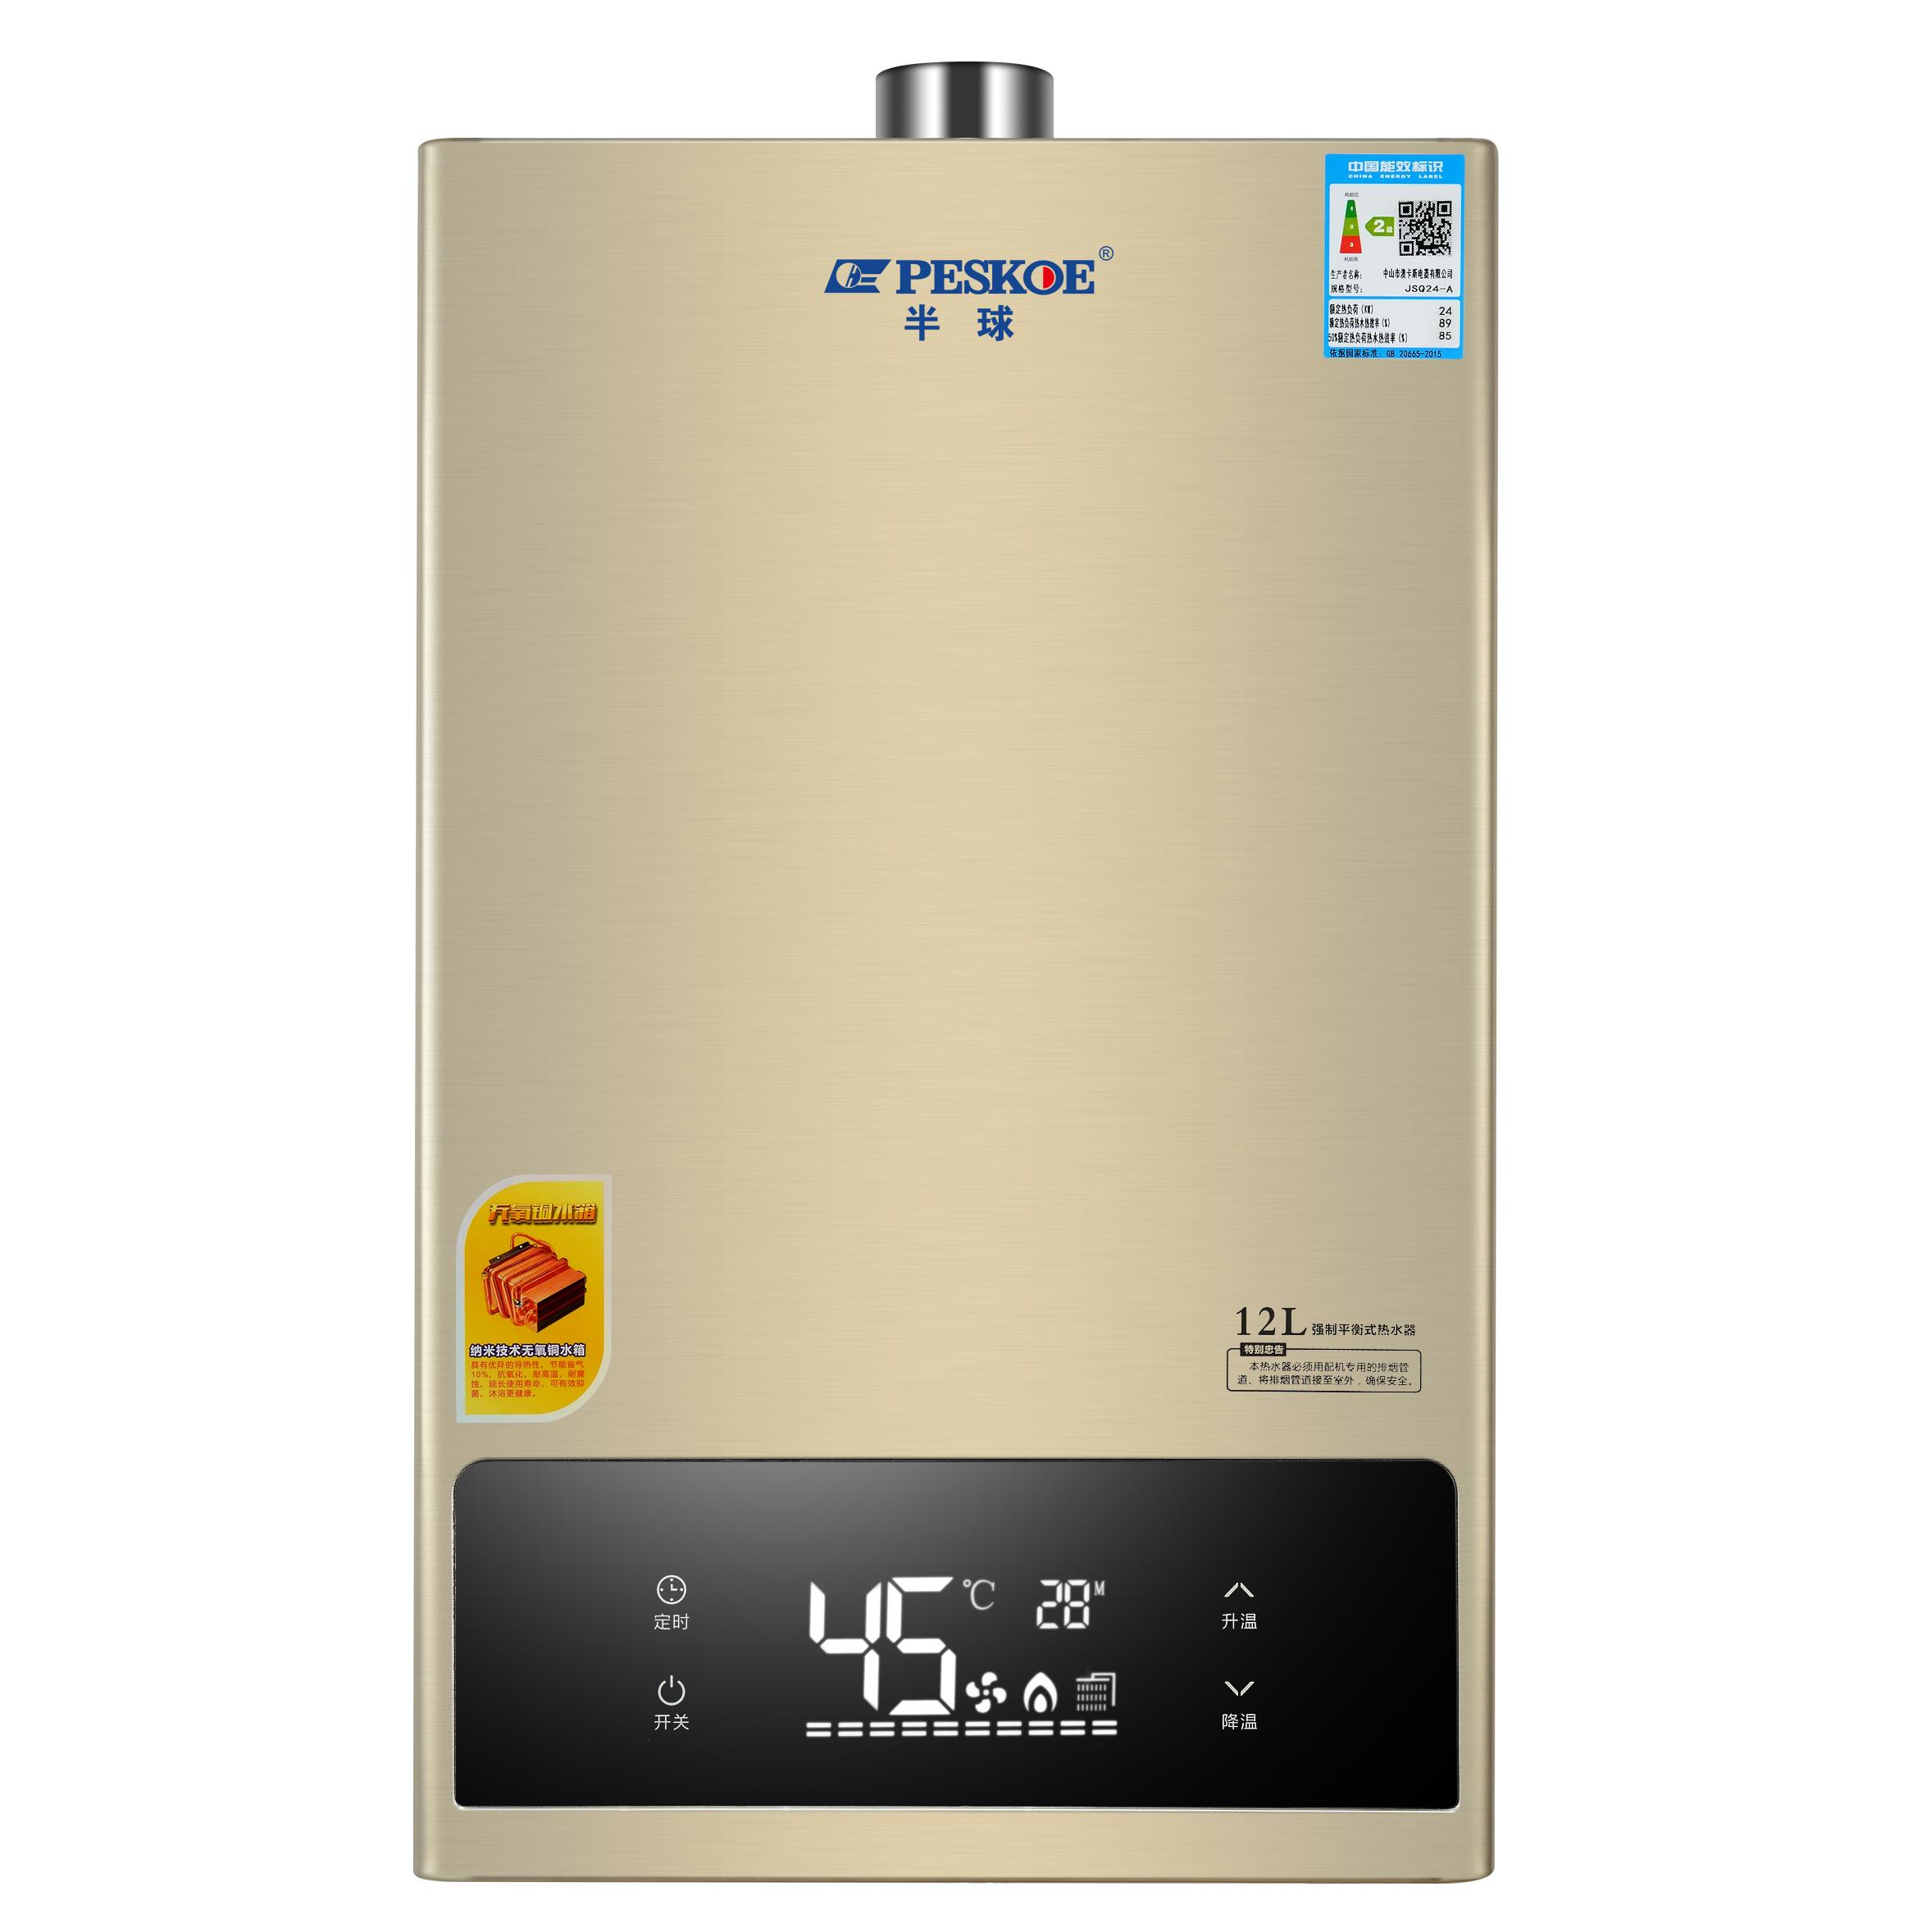 SAKRUA/日本樱花燃气热水器家用天然气液化气煤气强排式12升恒温